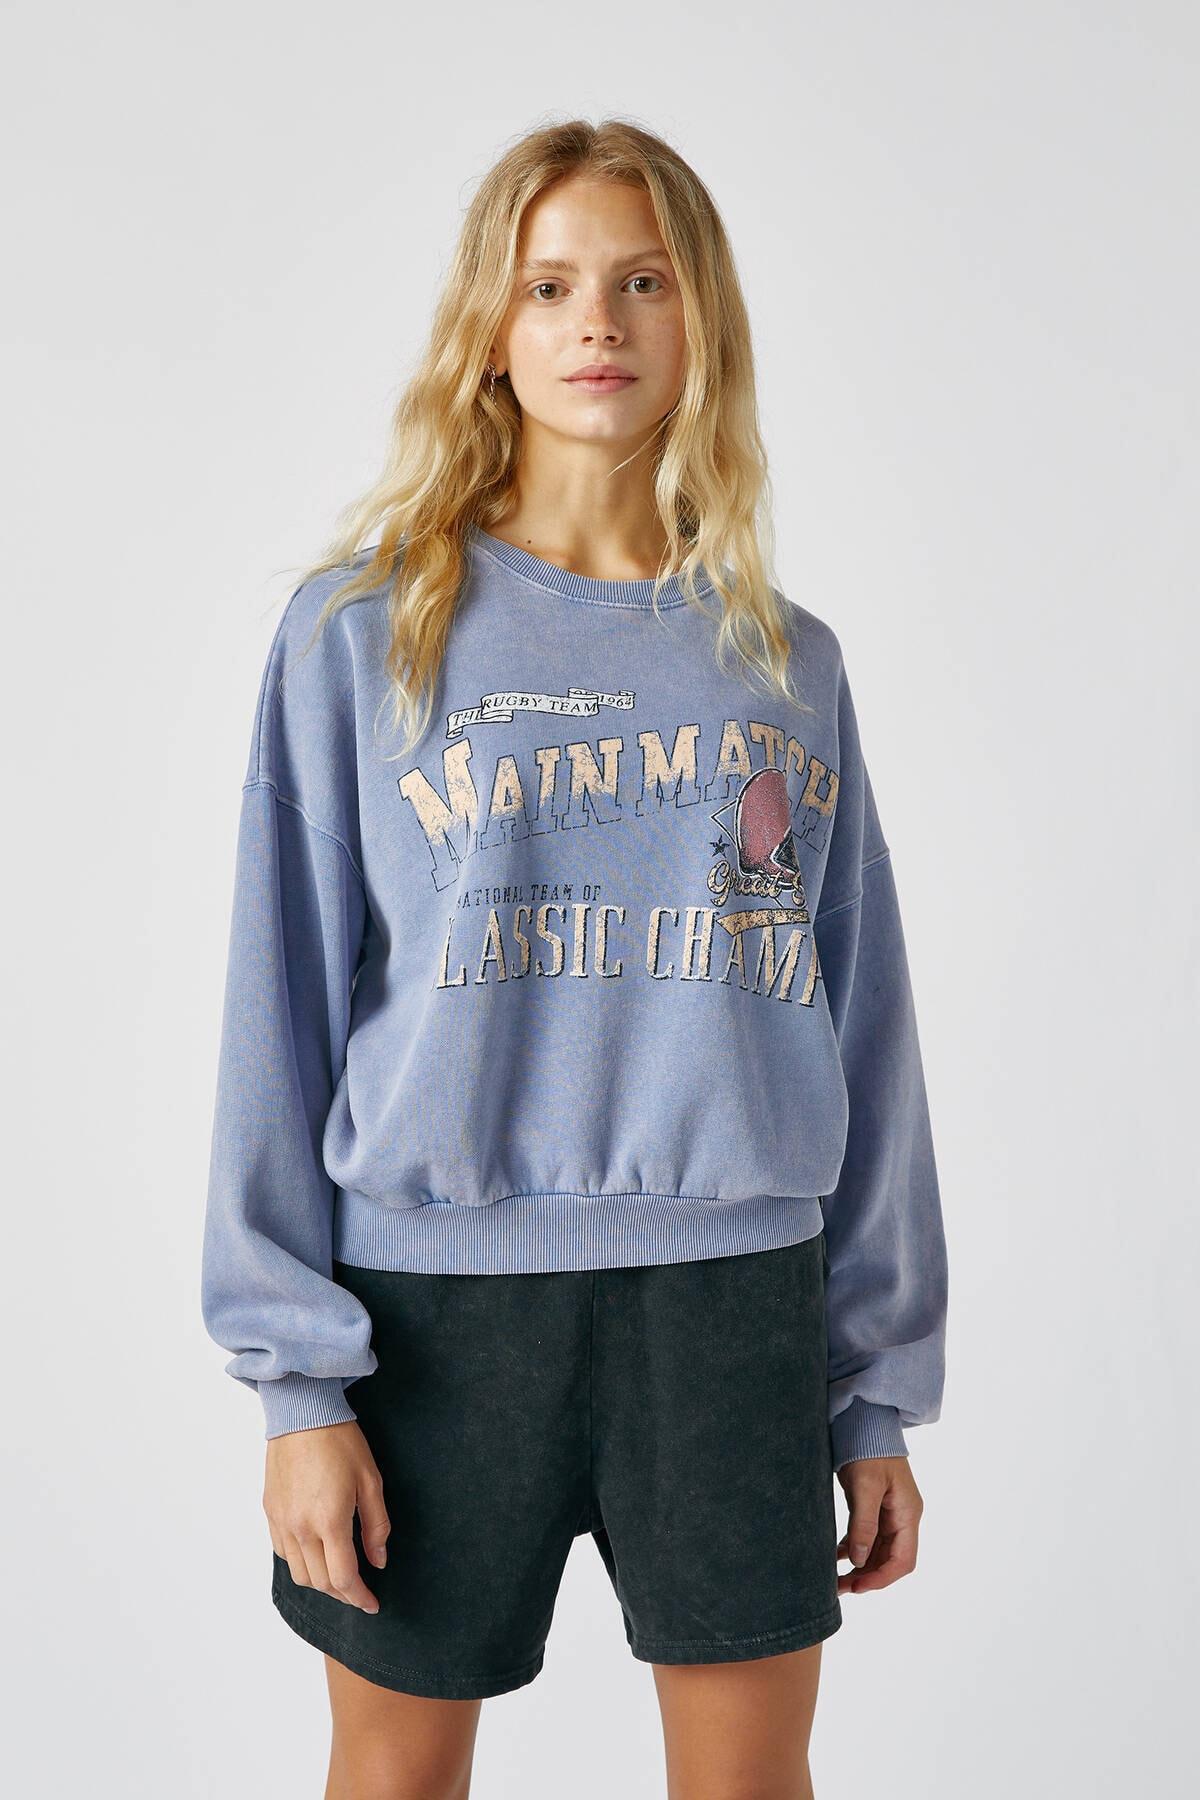 Pull & Bear Kadın Bulut Mavisi Kontrast Sloganlı Sweatshirt 09594307 0